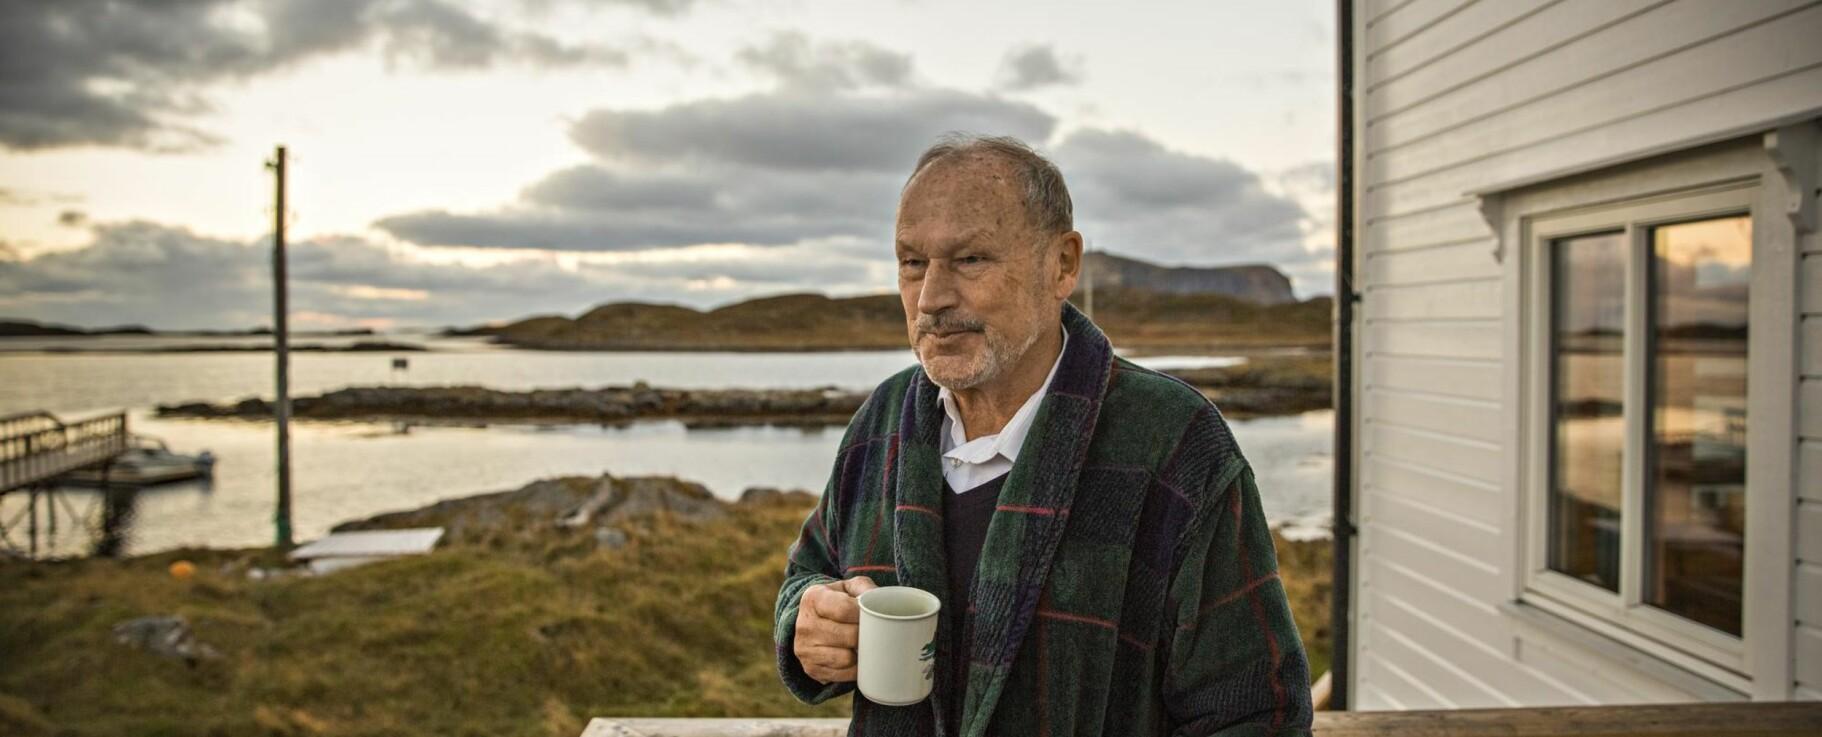 UTSYN: – Røst har vært et definerende sted for mitt menneskesyn, sier Per Fugelli ved et av sine favorittutsiktspunkt ytterst i Lofoten. Foto: JØRN H. MOEN